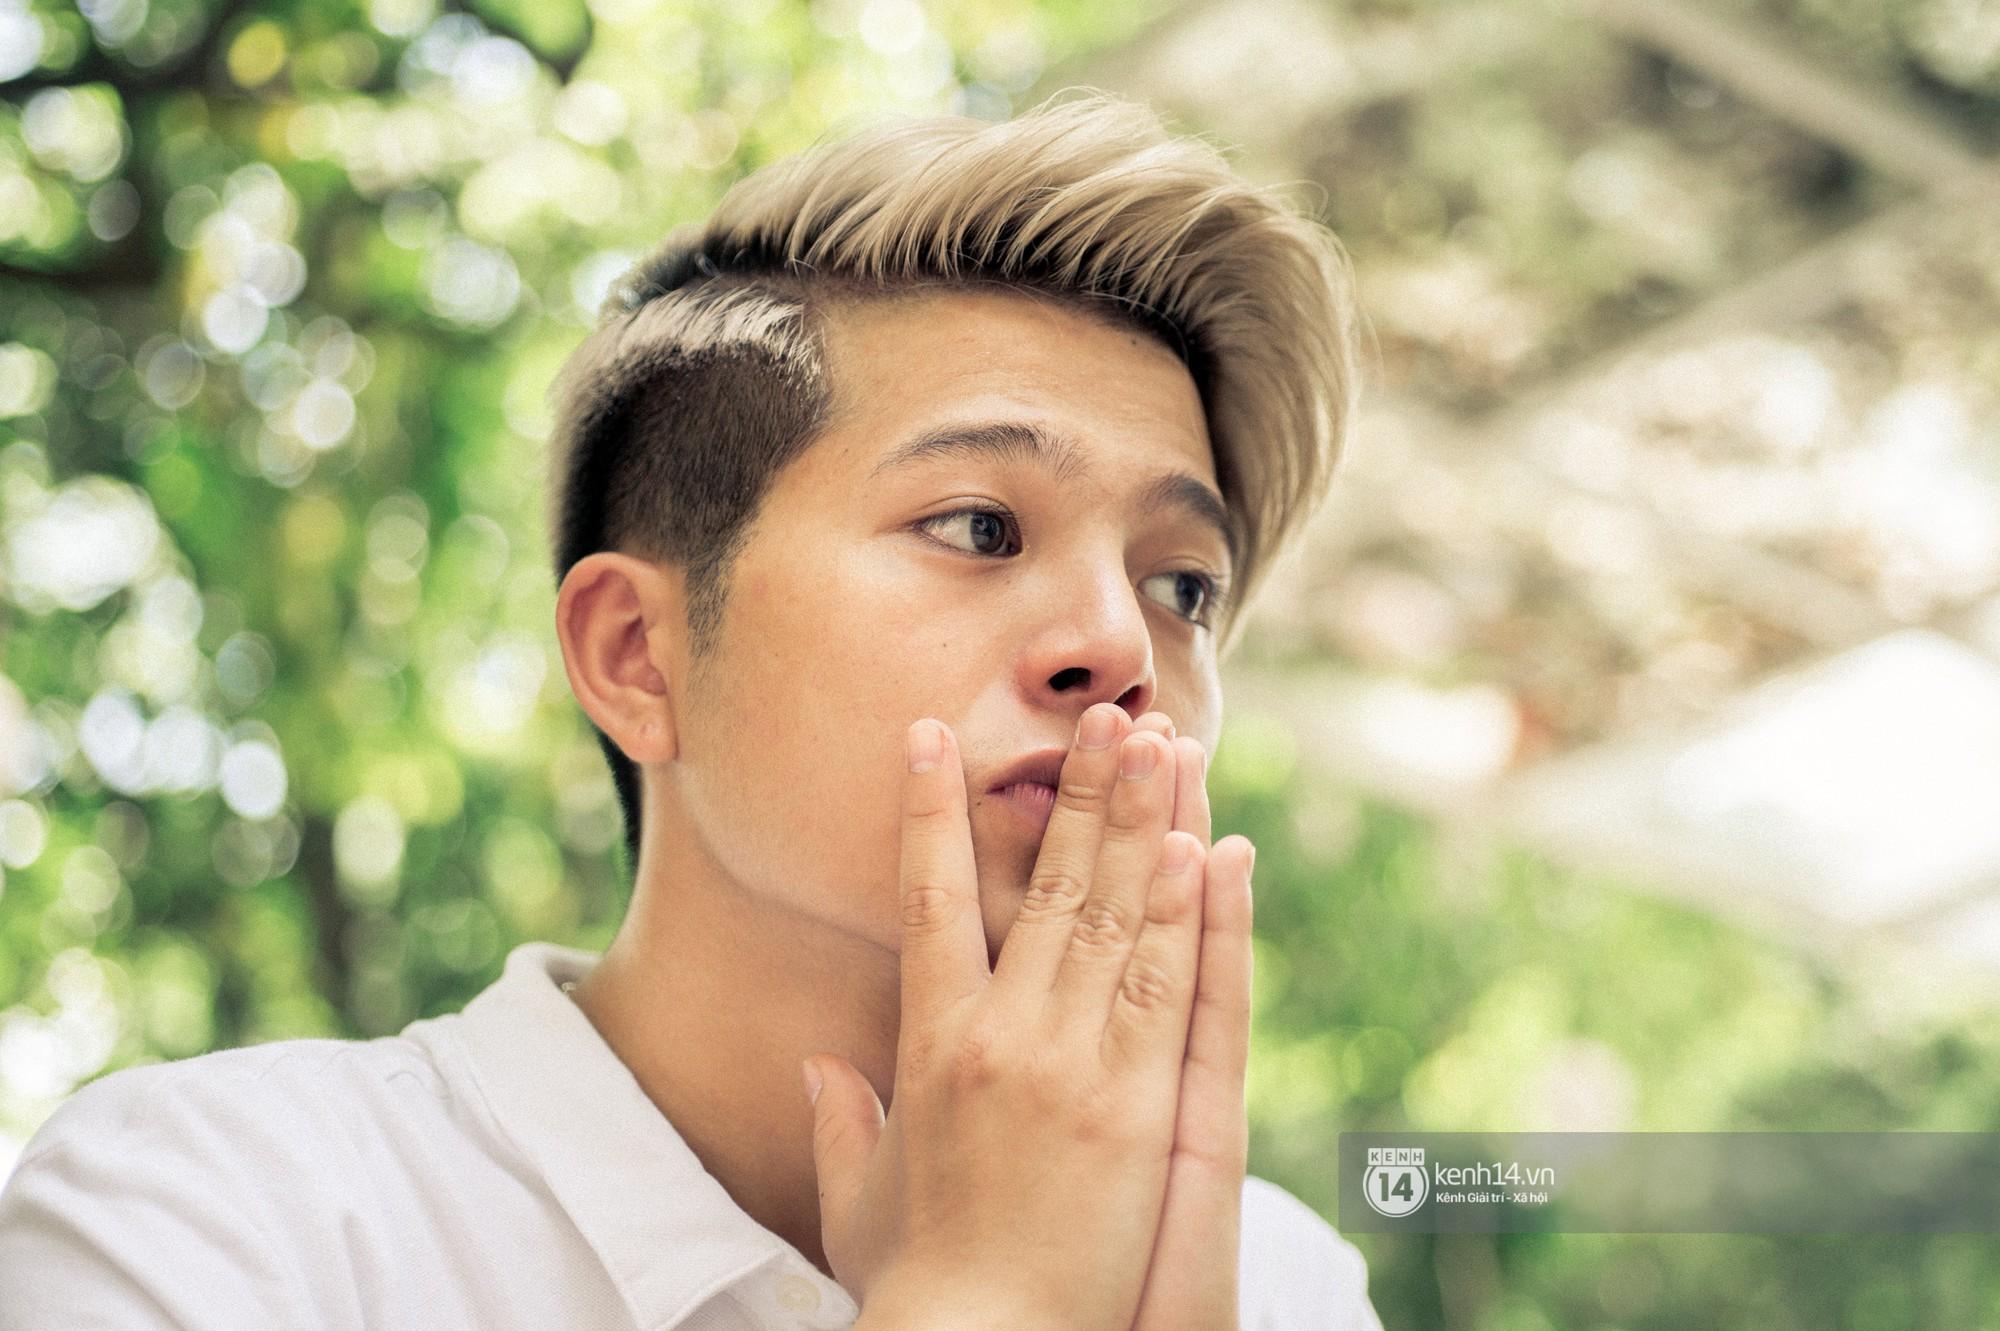 """Quang Anh (The Voice Kids) lần đầu thừa nhận thẩm mỹ gương mặt: """"Em thay đổi là để tôn trọng khán giả"""" - Ảnh 6."""